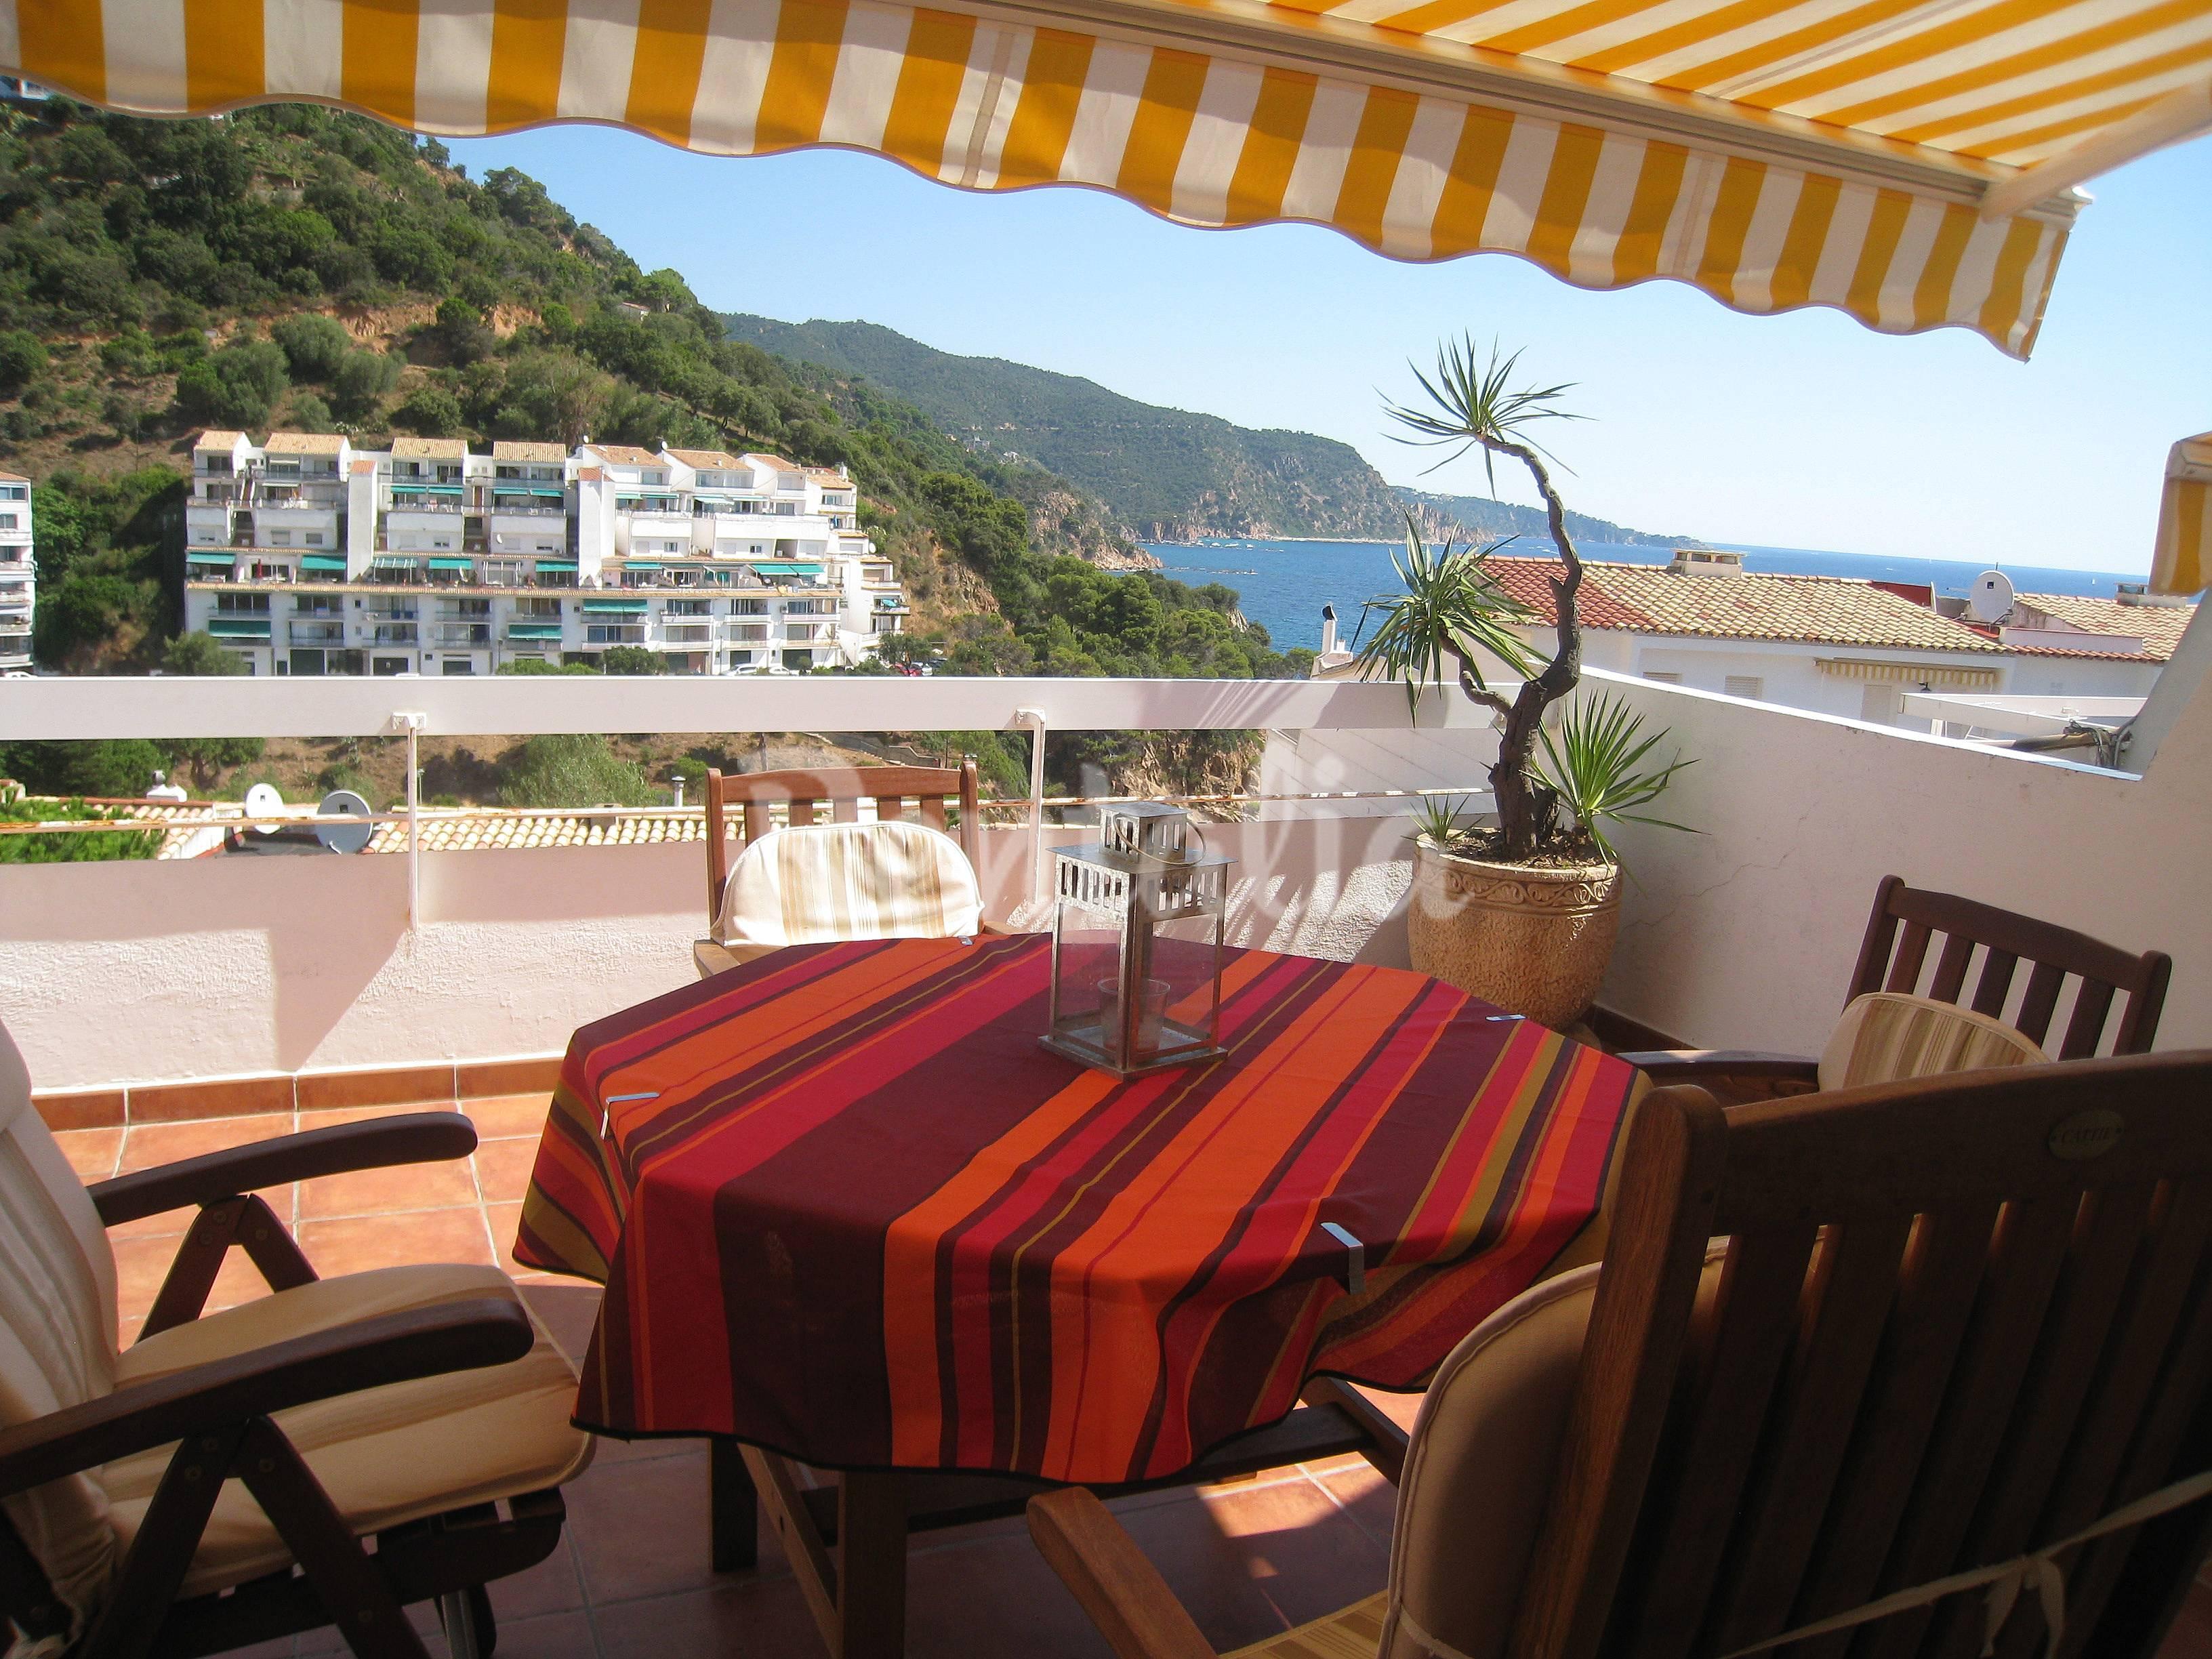 Apartamento en alquiler a 200 m de la playa salions - Alquiler de apartamentos en tossa de mar particulares ...